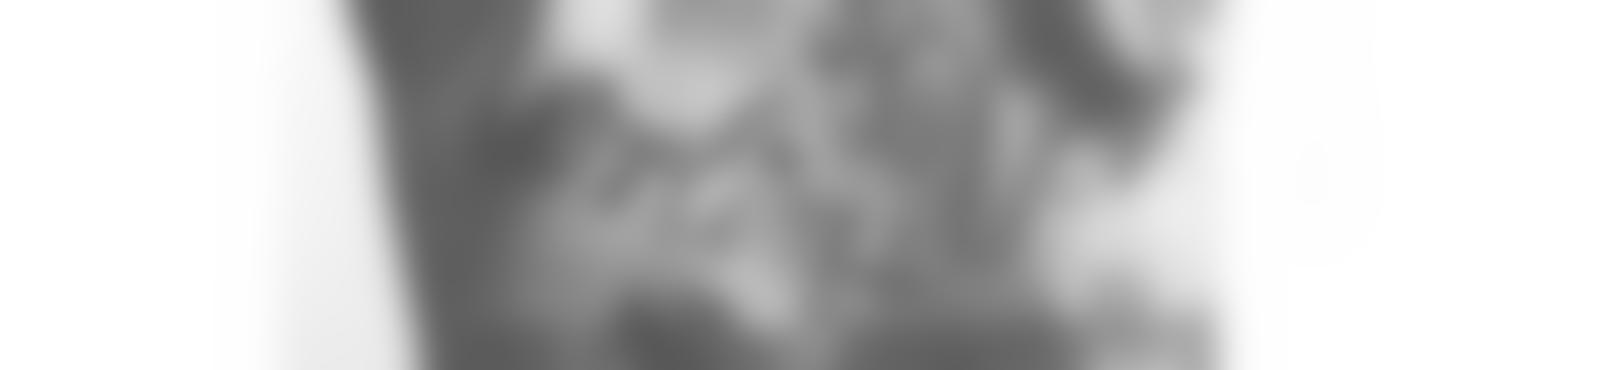 Blurred f44b9c56 5ac7 4c87 a1b1 e8f7d406731e